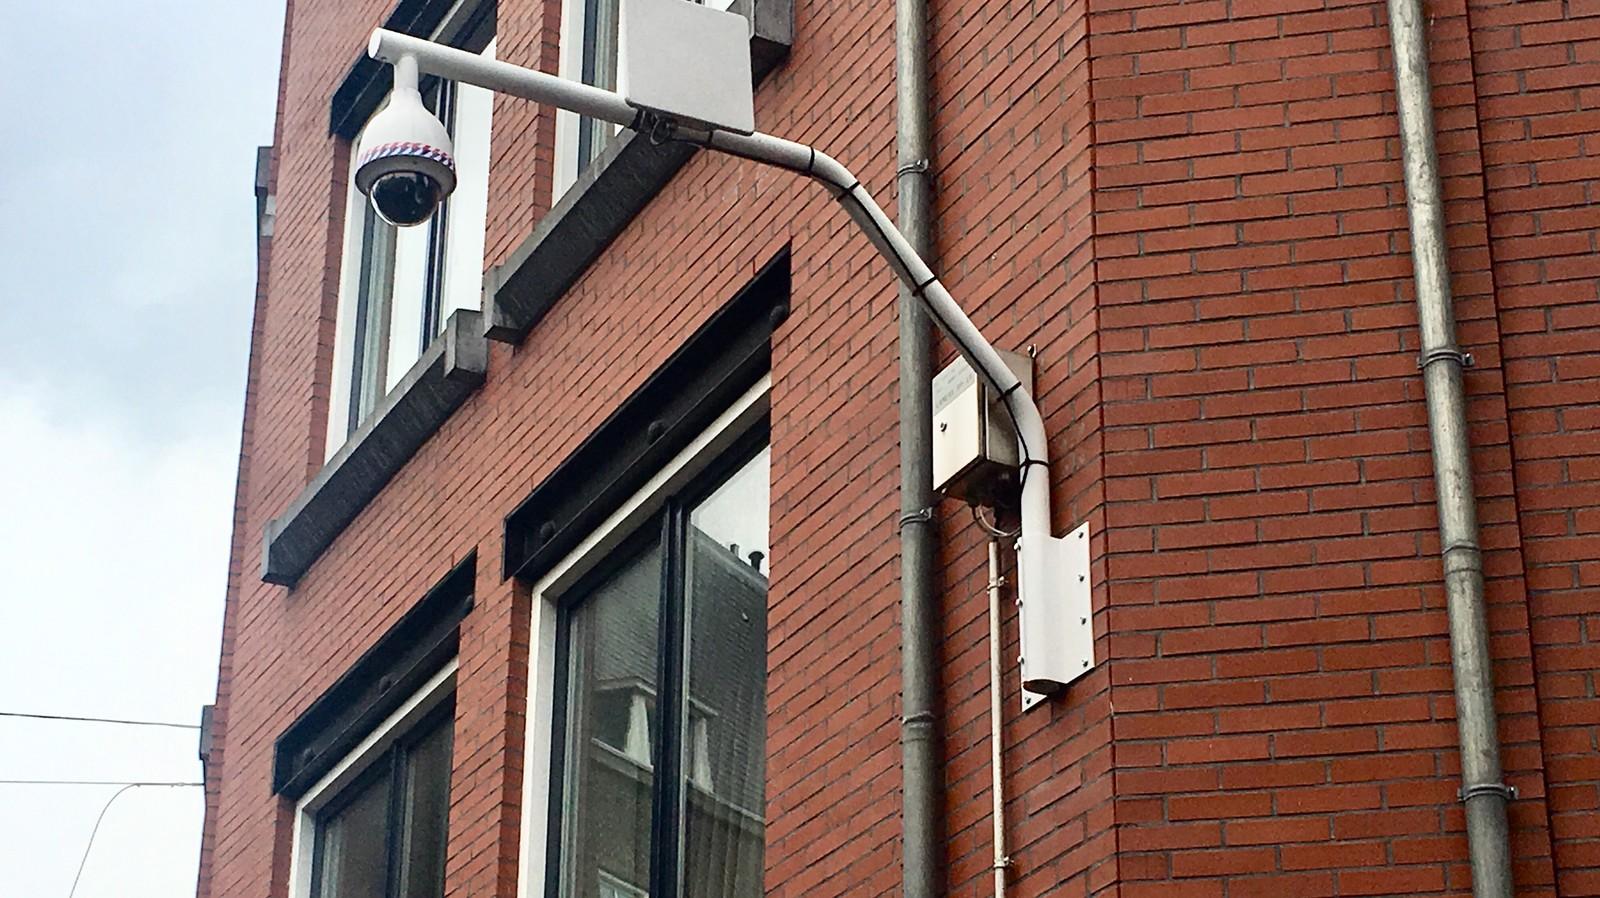 Gezichtsherkenning op de Nederlandse straten: moeten we dat willen?